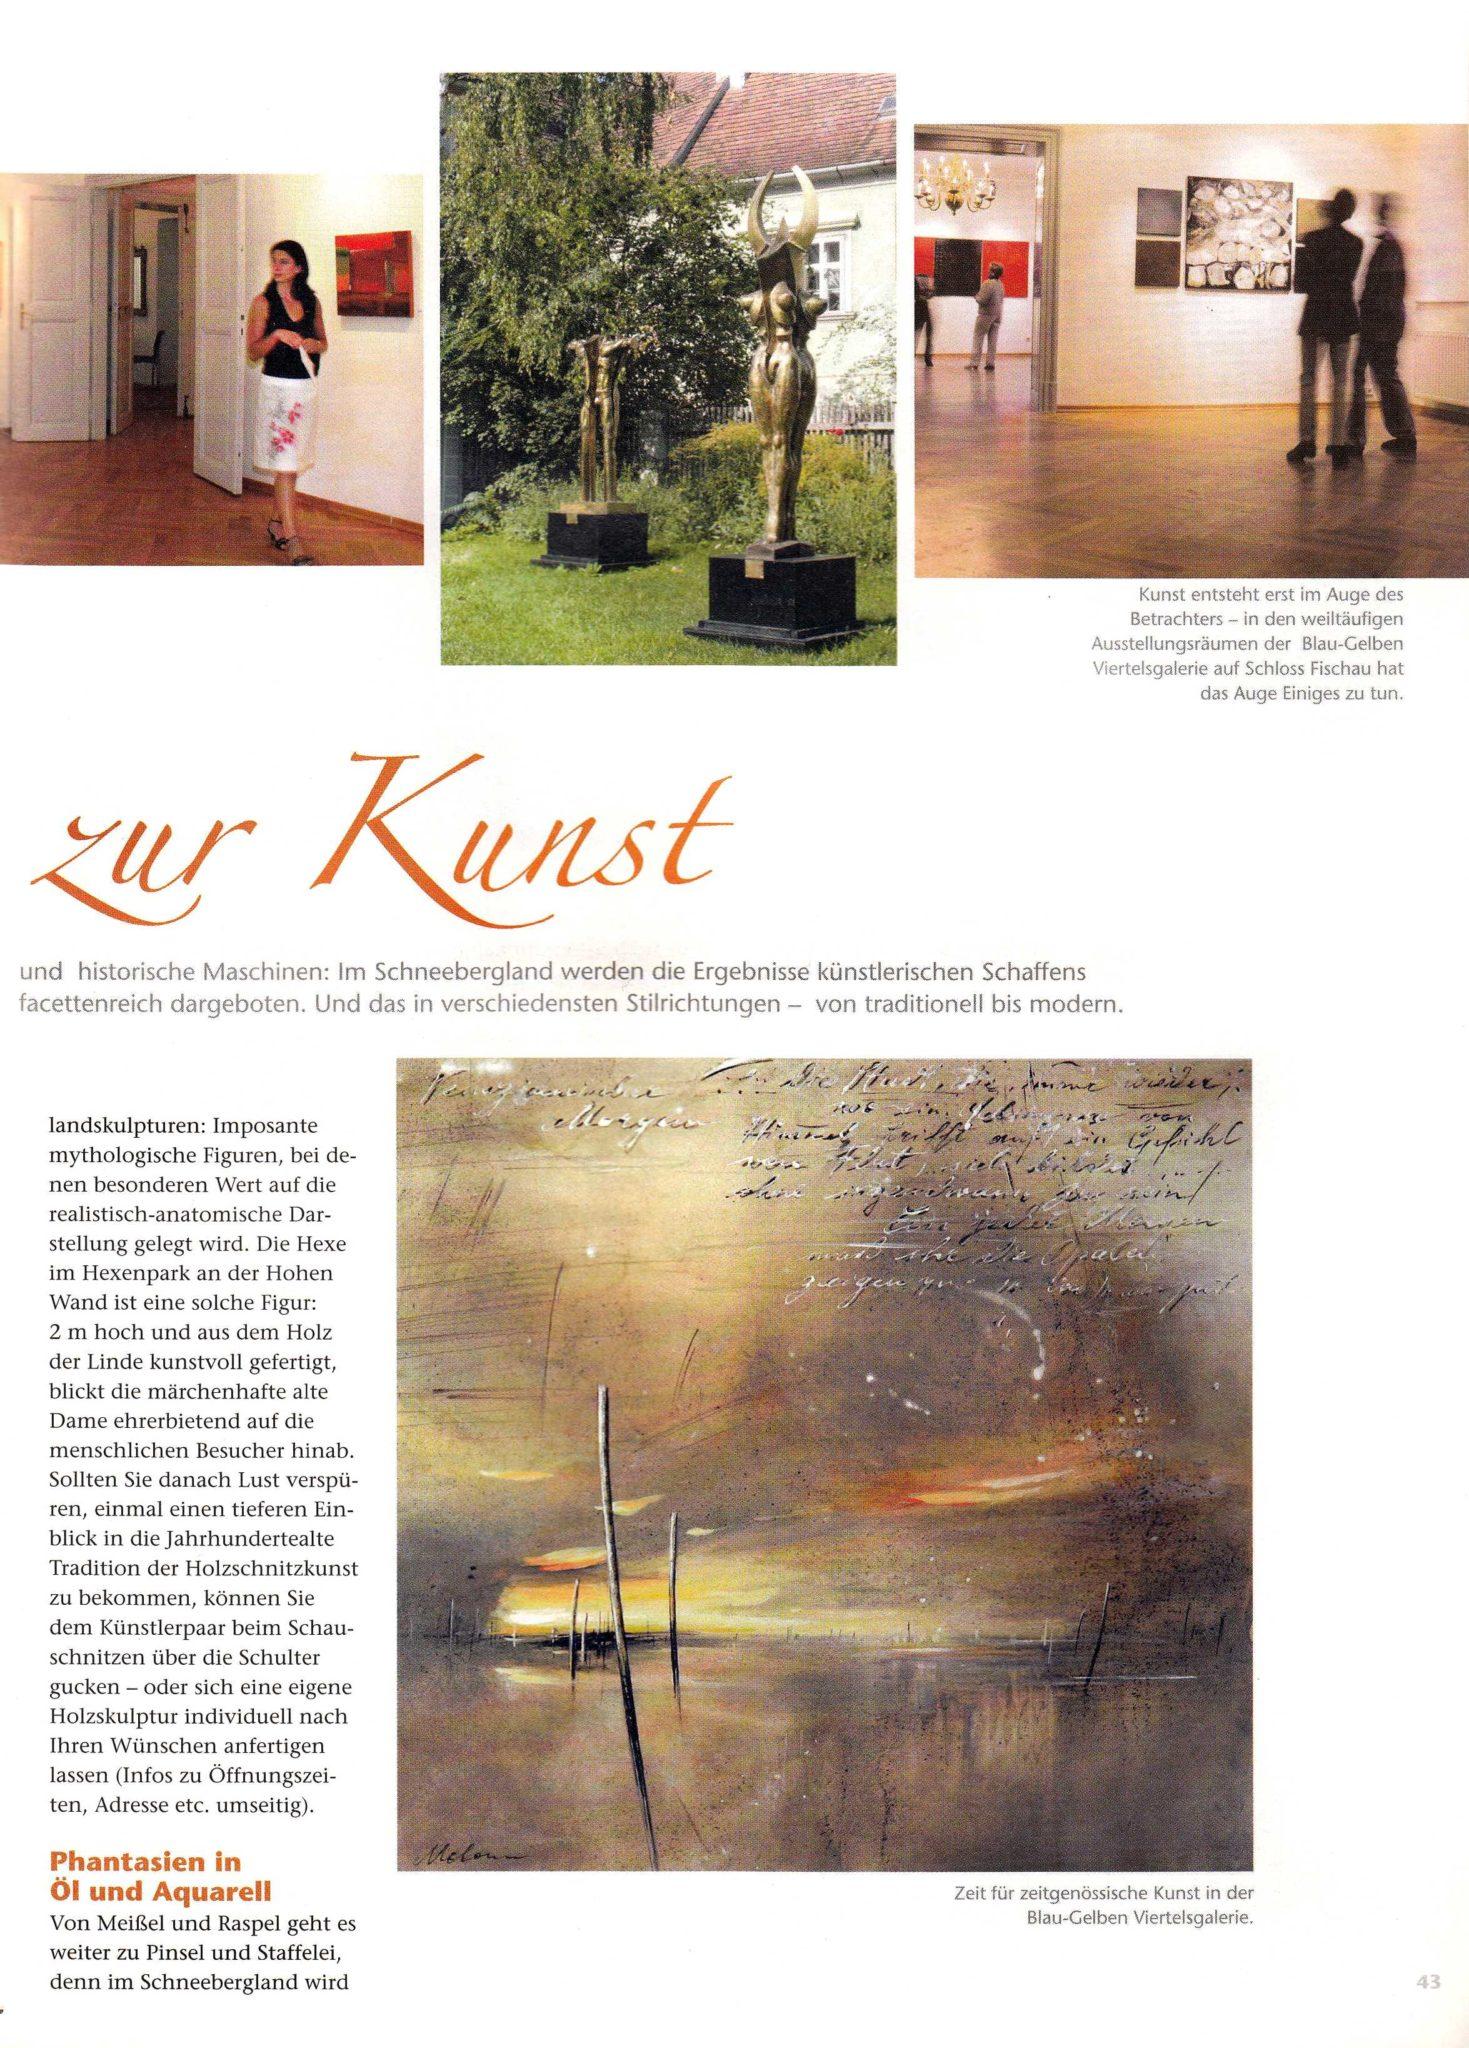 Künstlerinnen-Portraits | Idee, Konzept, Recherche, Bildredaktion, Text